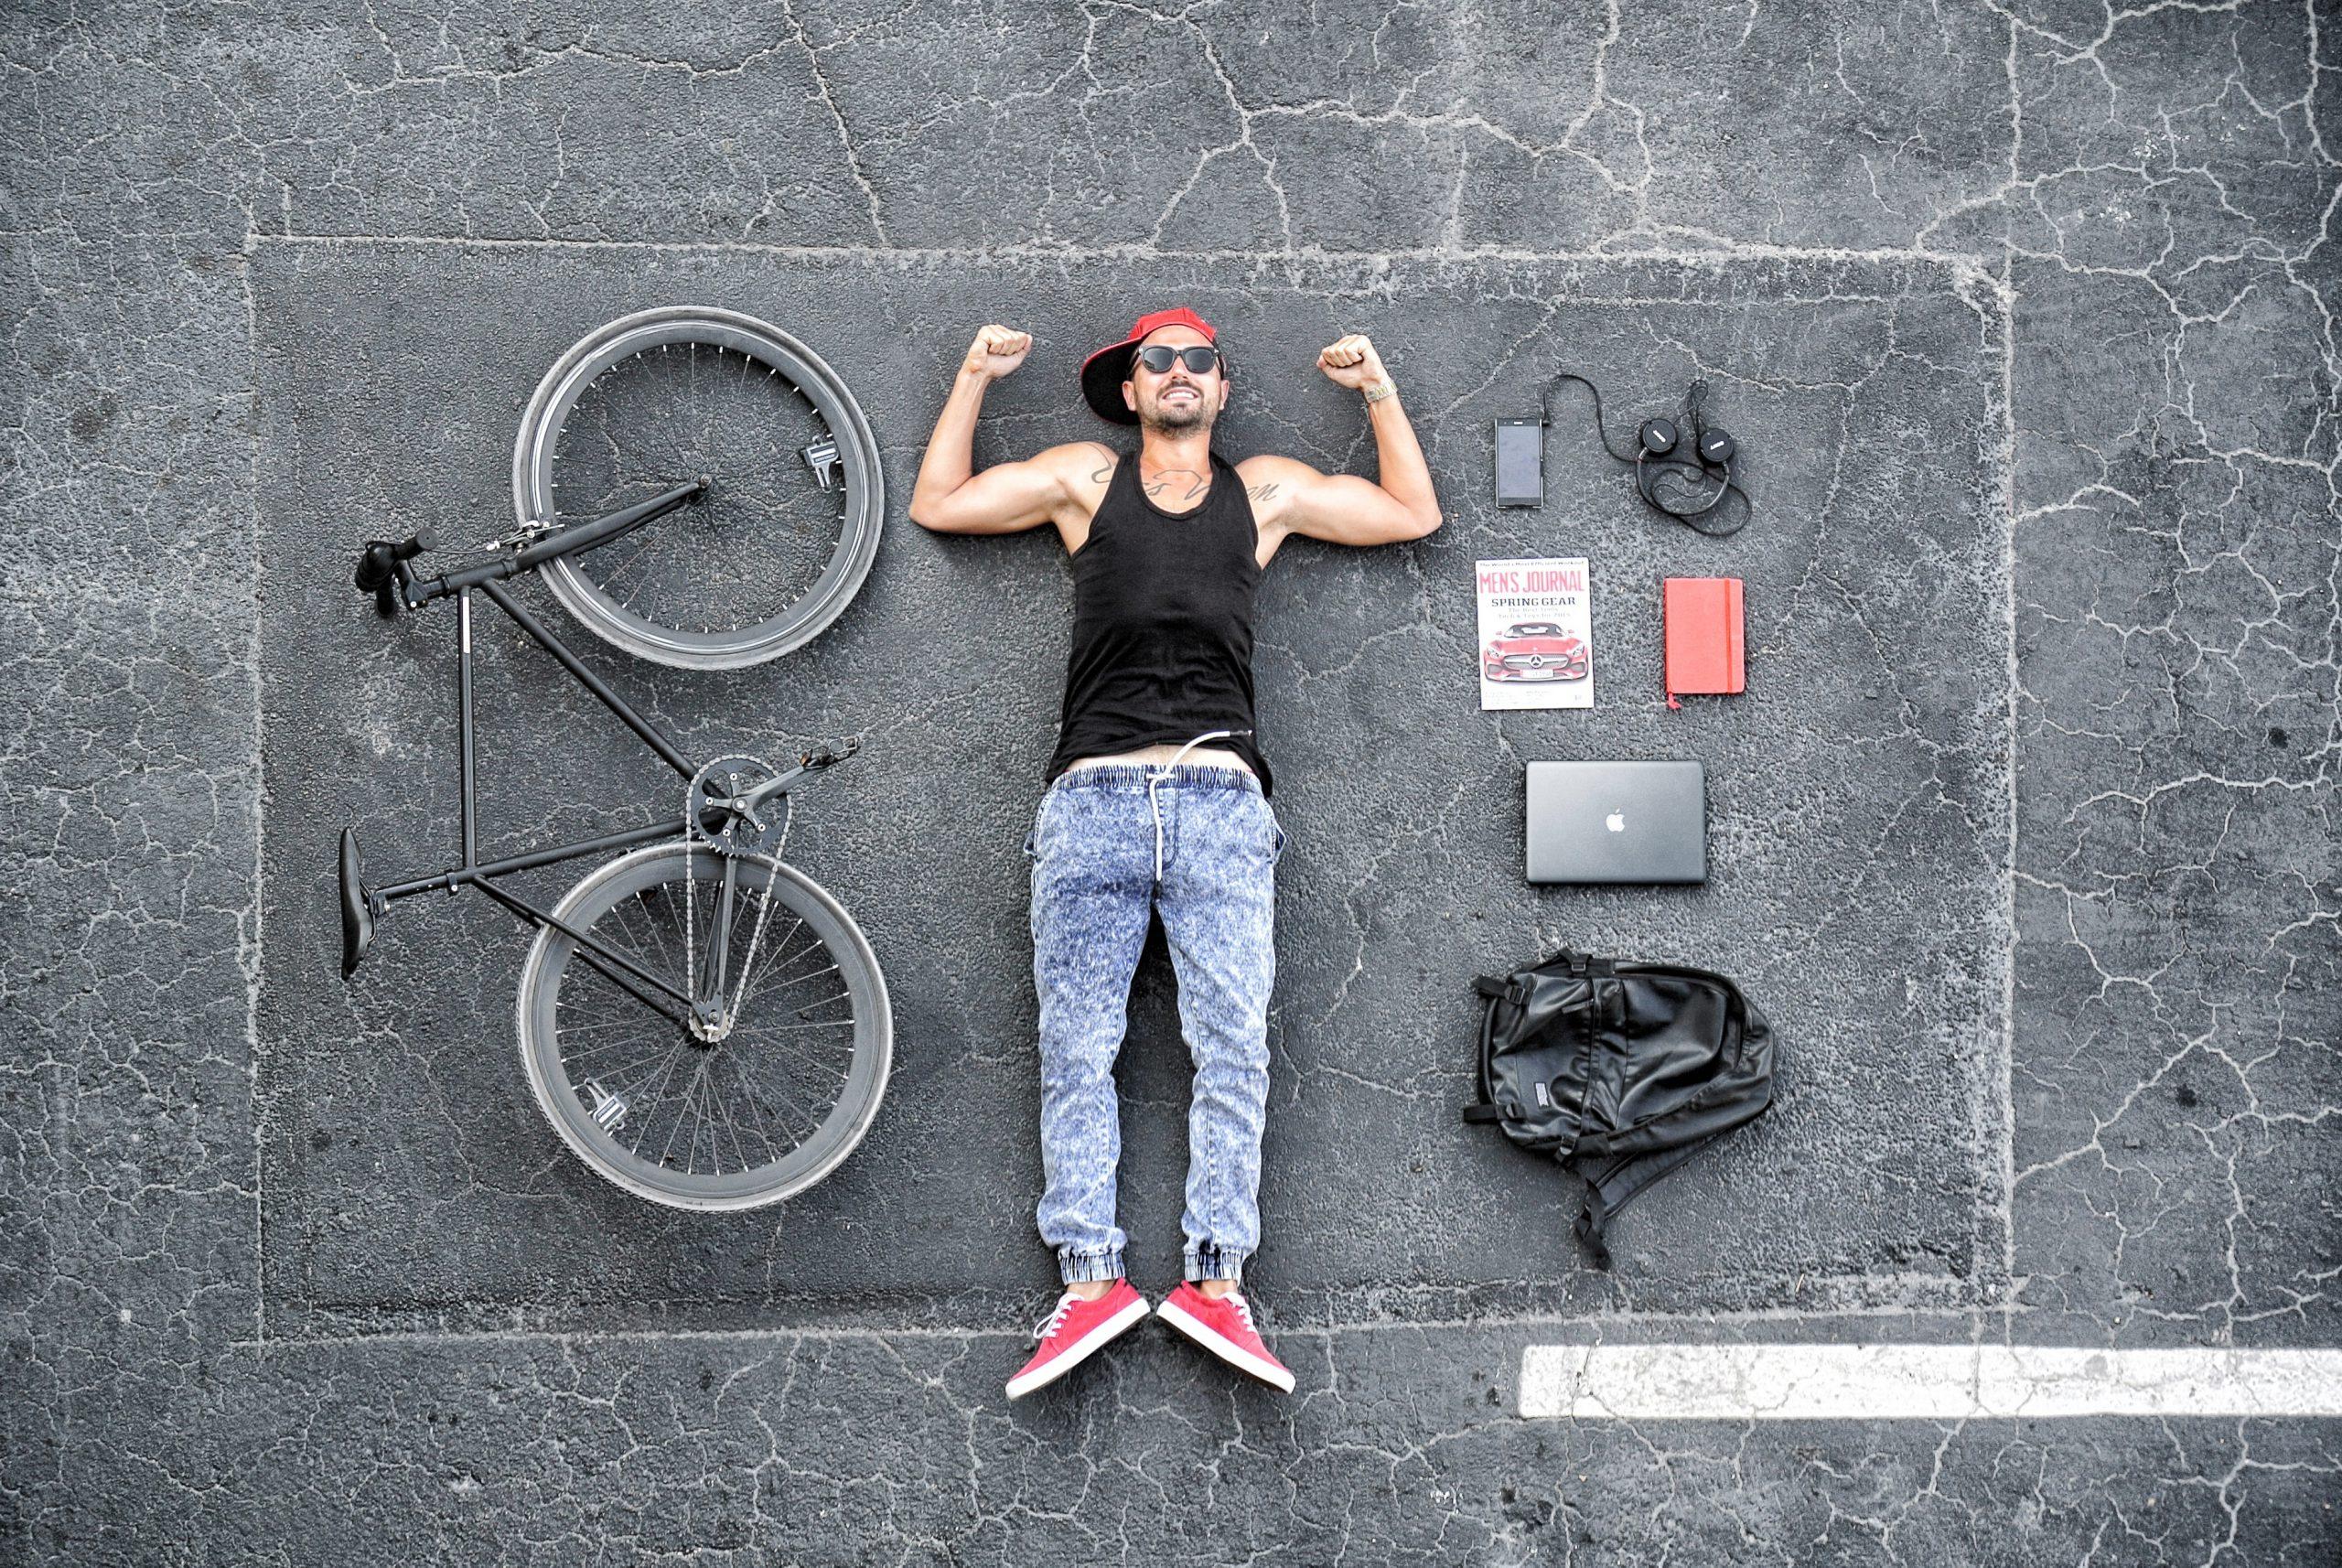 Die besten Tipps & Tricks gegen Fahrradklau